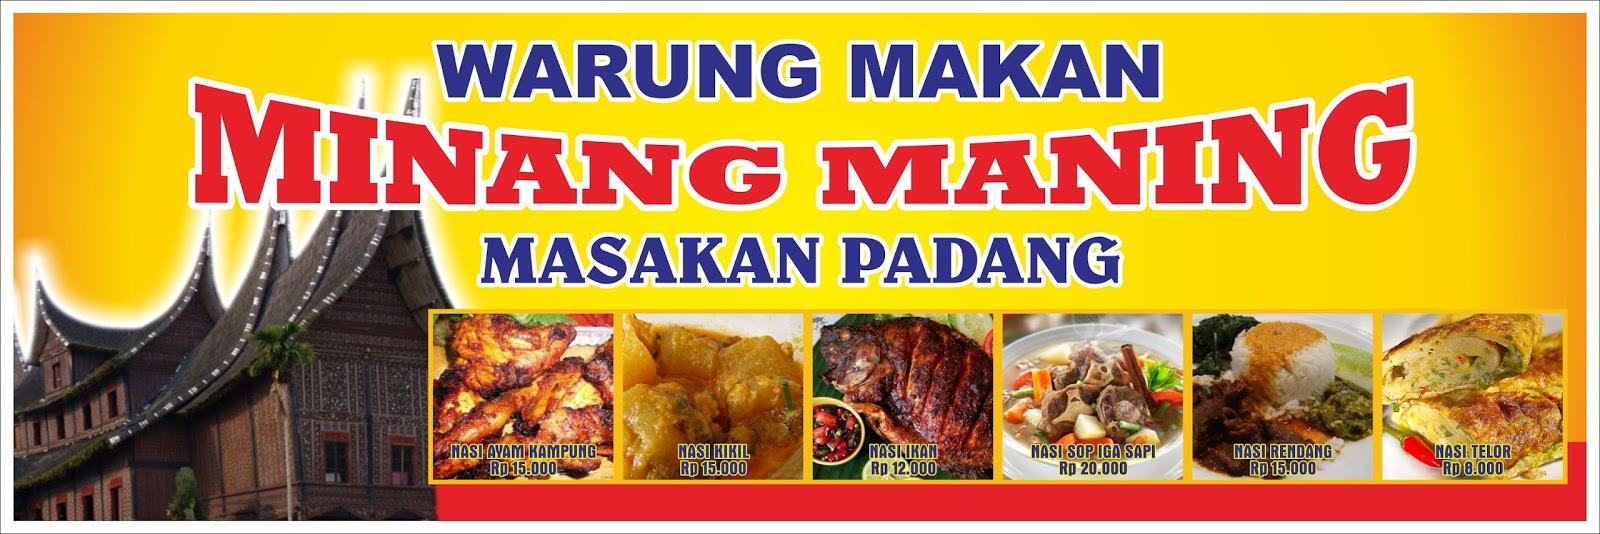 Contoh Desain Spanduk Masakan Padang - kumpulan gambar spanduk